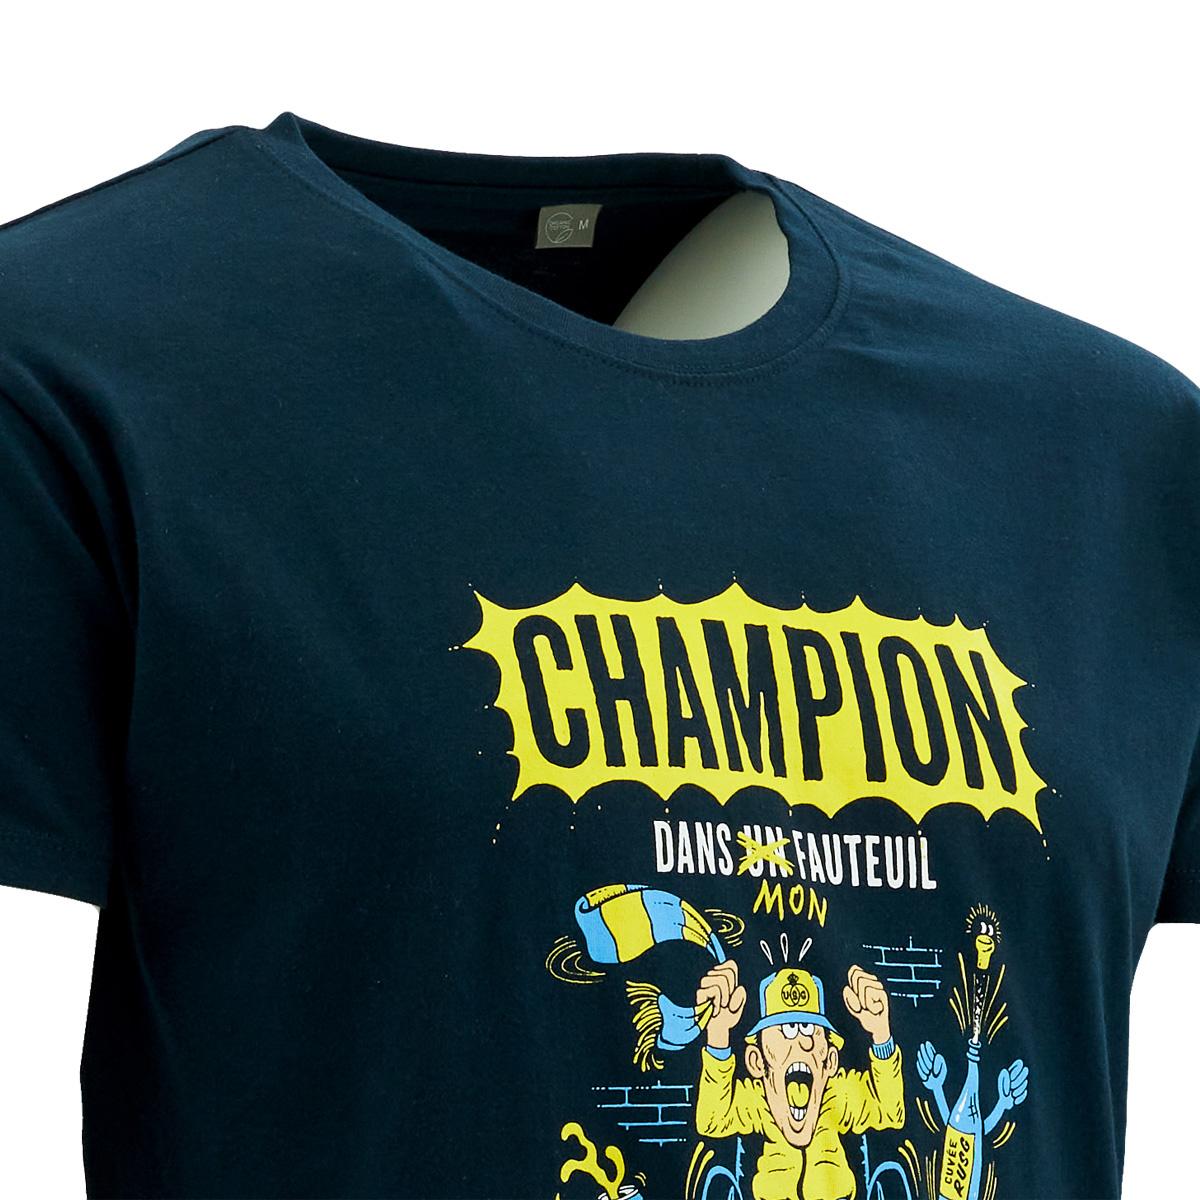 Topfanz T-shirt Zwanze